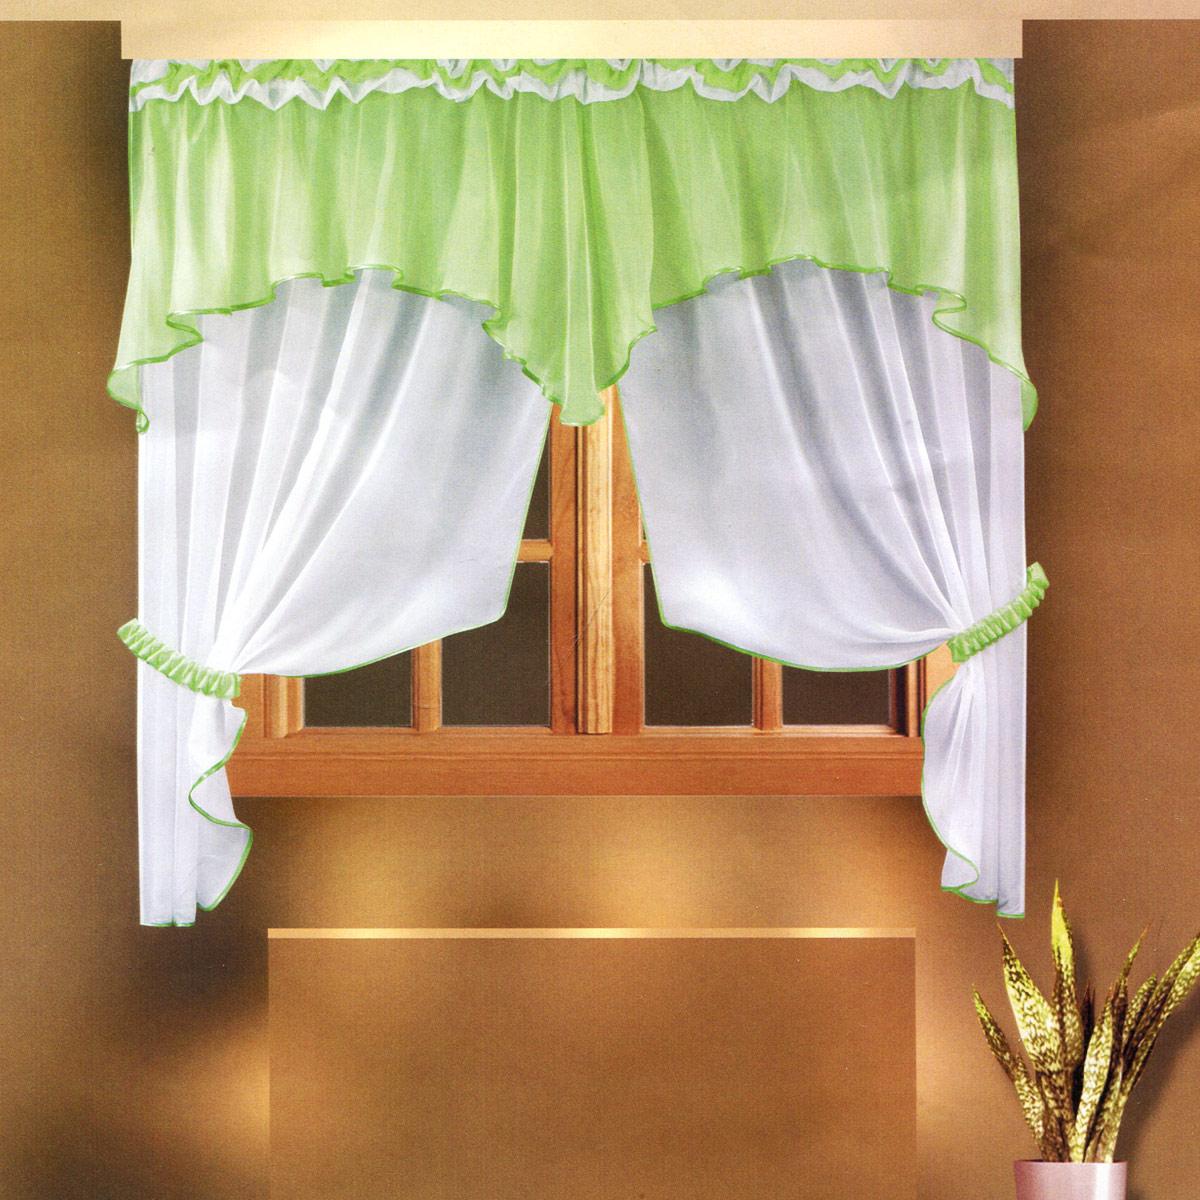 Комплект штор Zlata Korunka, на ленте, цвет: салатовый, высота 160 см. Б026Б026Роскошный комплект штор Zlata Korunka, выполненный из полиэстера, великолепно украсит любое окно. Комплект состоит из ламбрекена и тюля. Воздушная ткань и приятная, приглушенная гамма привлекут к себе внимание и органично впишутся в интерьер помещения. Этот комплект будет долгое время радовать вас и вашу семью! Шторы крепятся на карниз при помощи ленты, которая поможет красиво и равномерно задрапировать верх. Тюль можно зафиксировать в одном положении с помощью двух подхватов, которые также можно задрапировать.